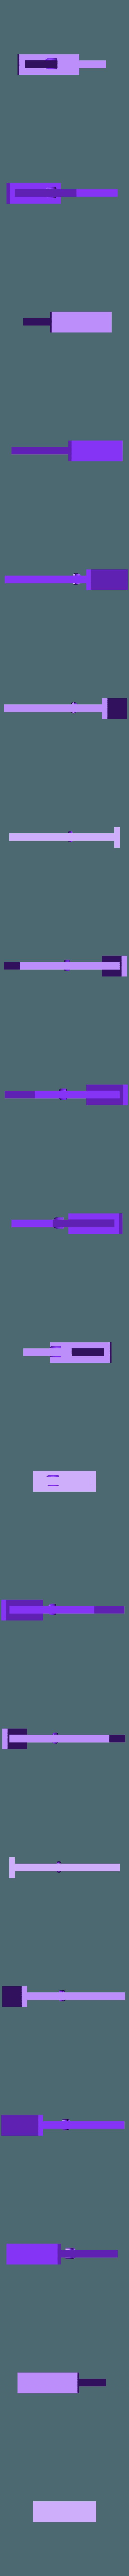 mansion04.obj Télécharger fichier OBJ meubles pour manoir de folie • Modèle pour imprimante 3D, 3DRune